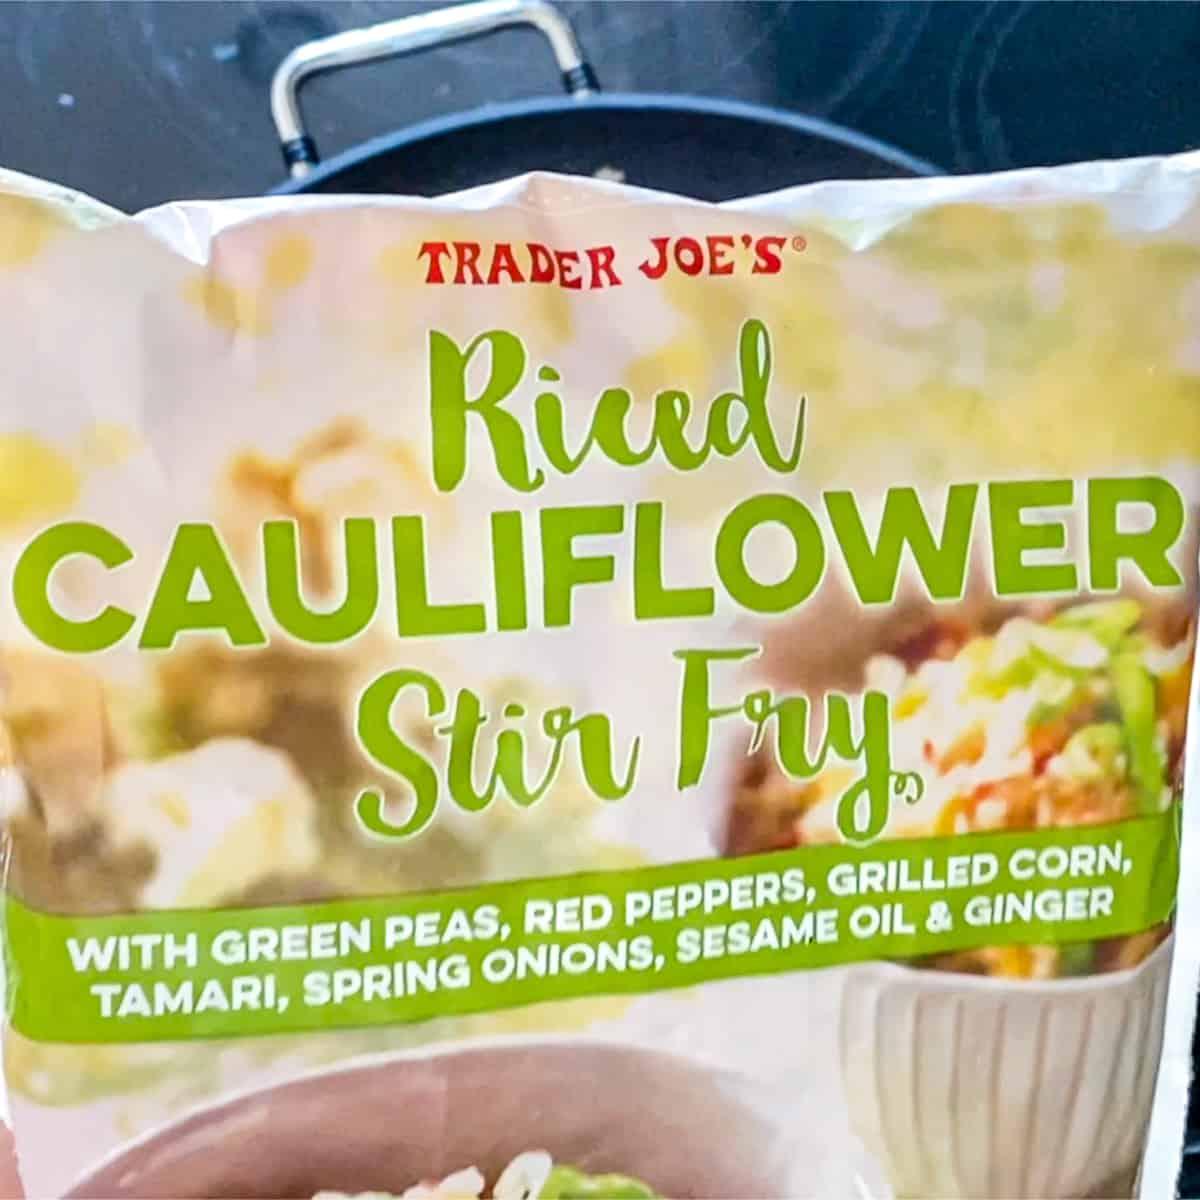 Closeup of bag of Trader Joe's riced cauliflower stir fry frozen bag.